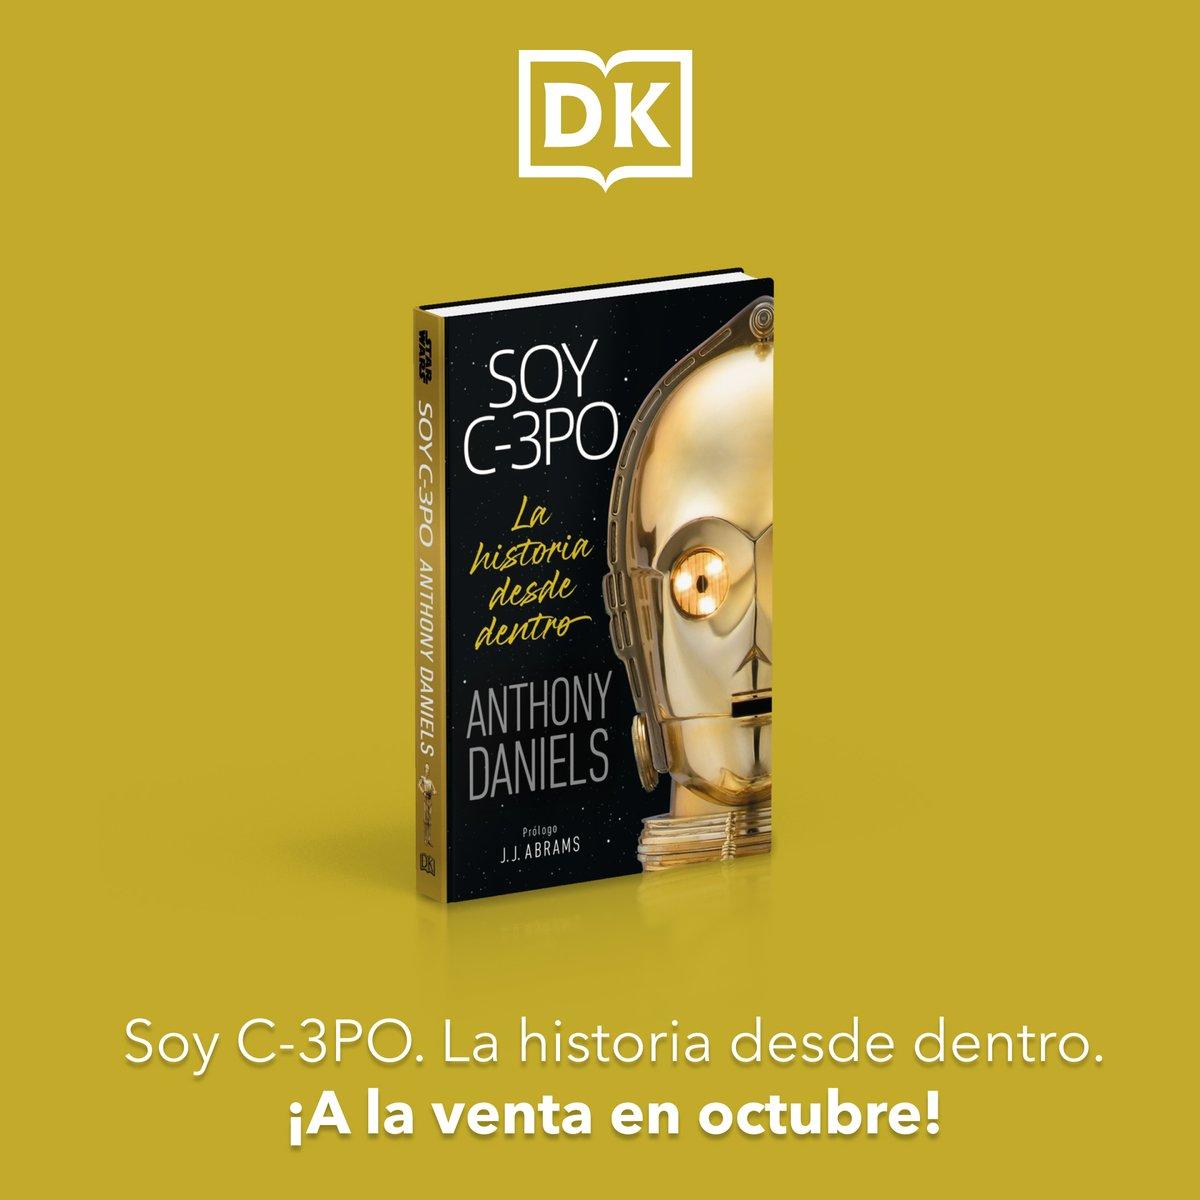 """DK español on Twitter: """"💫 LLAMANDO A TODOS LOS FANS DE STAR WARS: ¡OS ESTÁ  ESPERANDO! 💫 «Soy C-3PO. La historia desde dentro», escrito por  @ADaniels3PO, sale a la venta el próximo"""